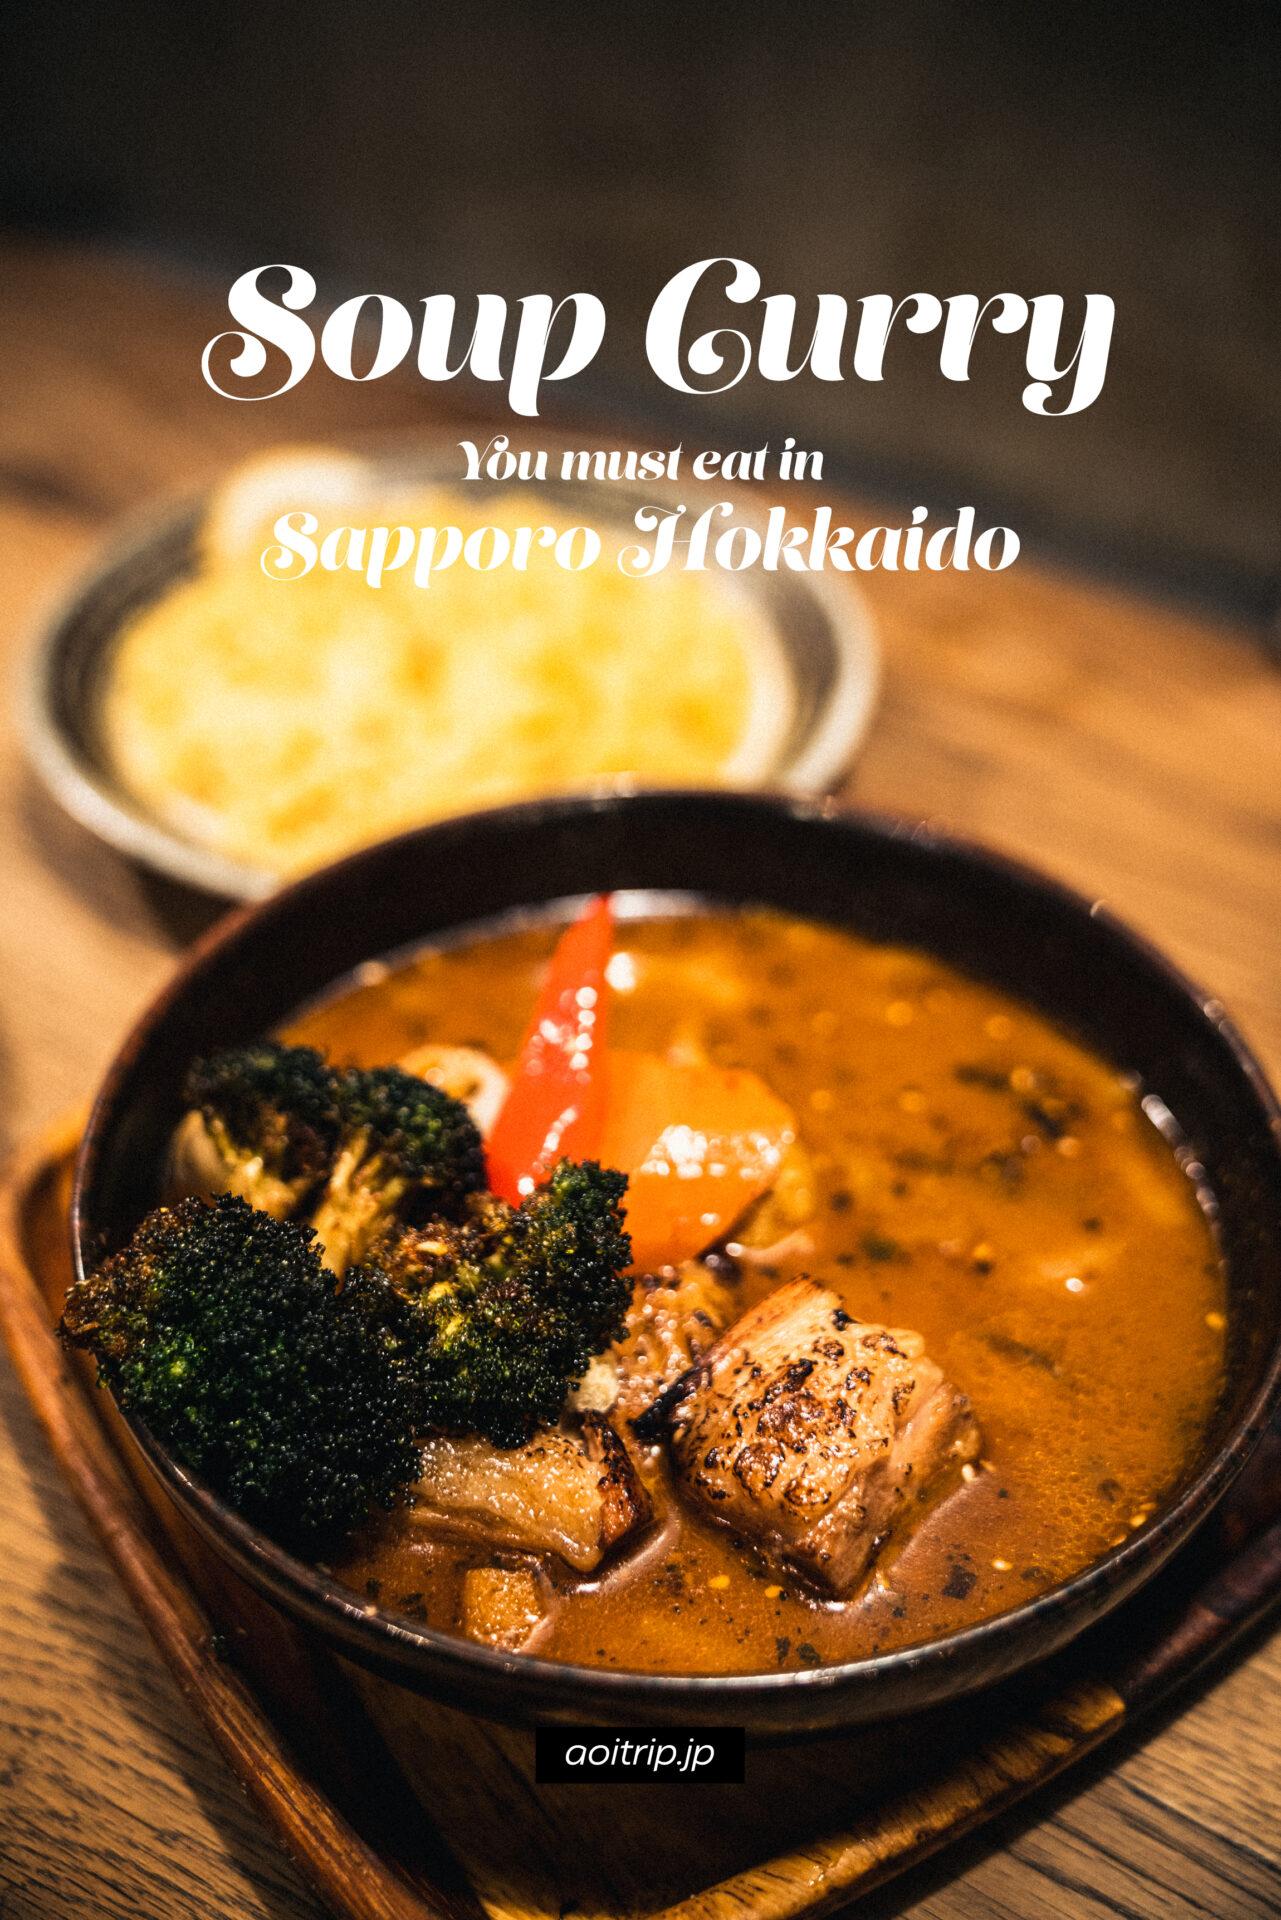 北海道 札幌旅行で食べた美味しいスープカレー店 Where to eat Soup Curry in Sapporo, Hokkaido